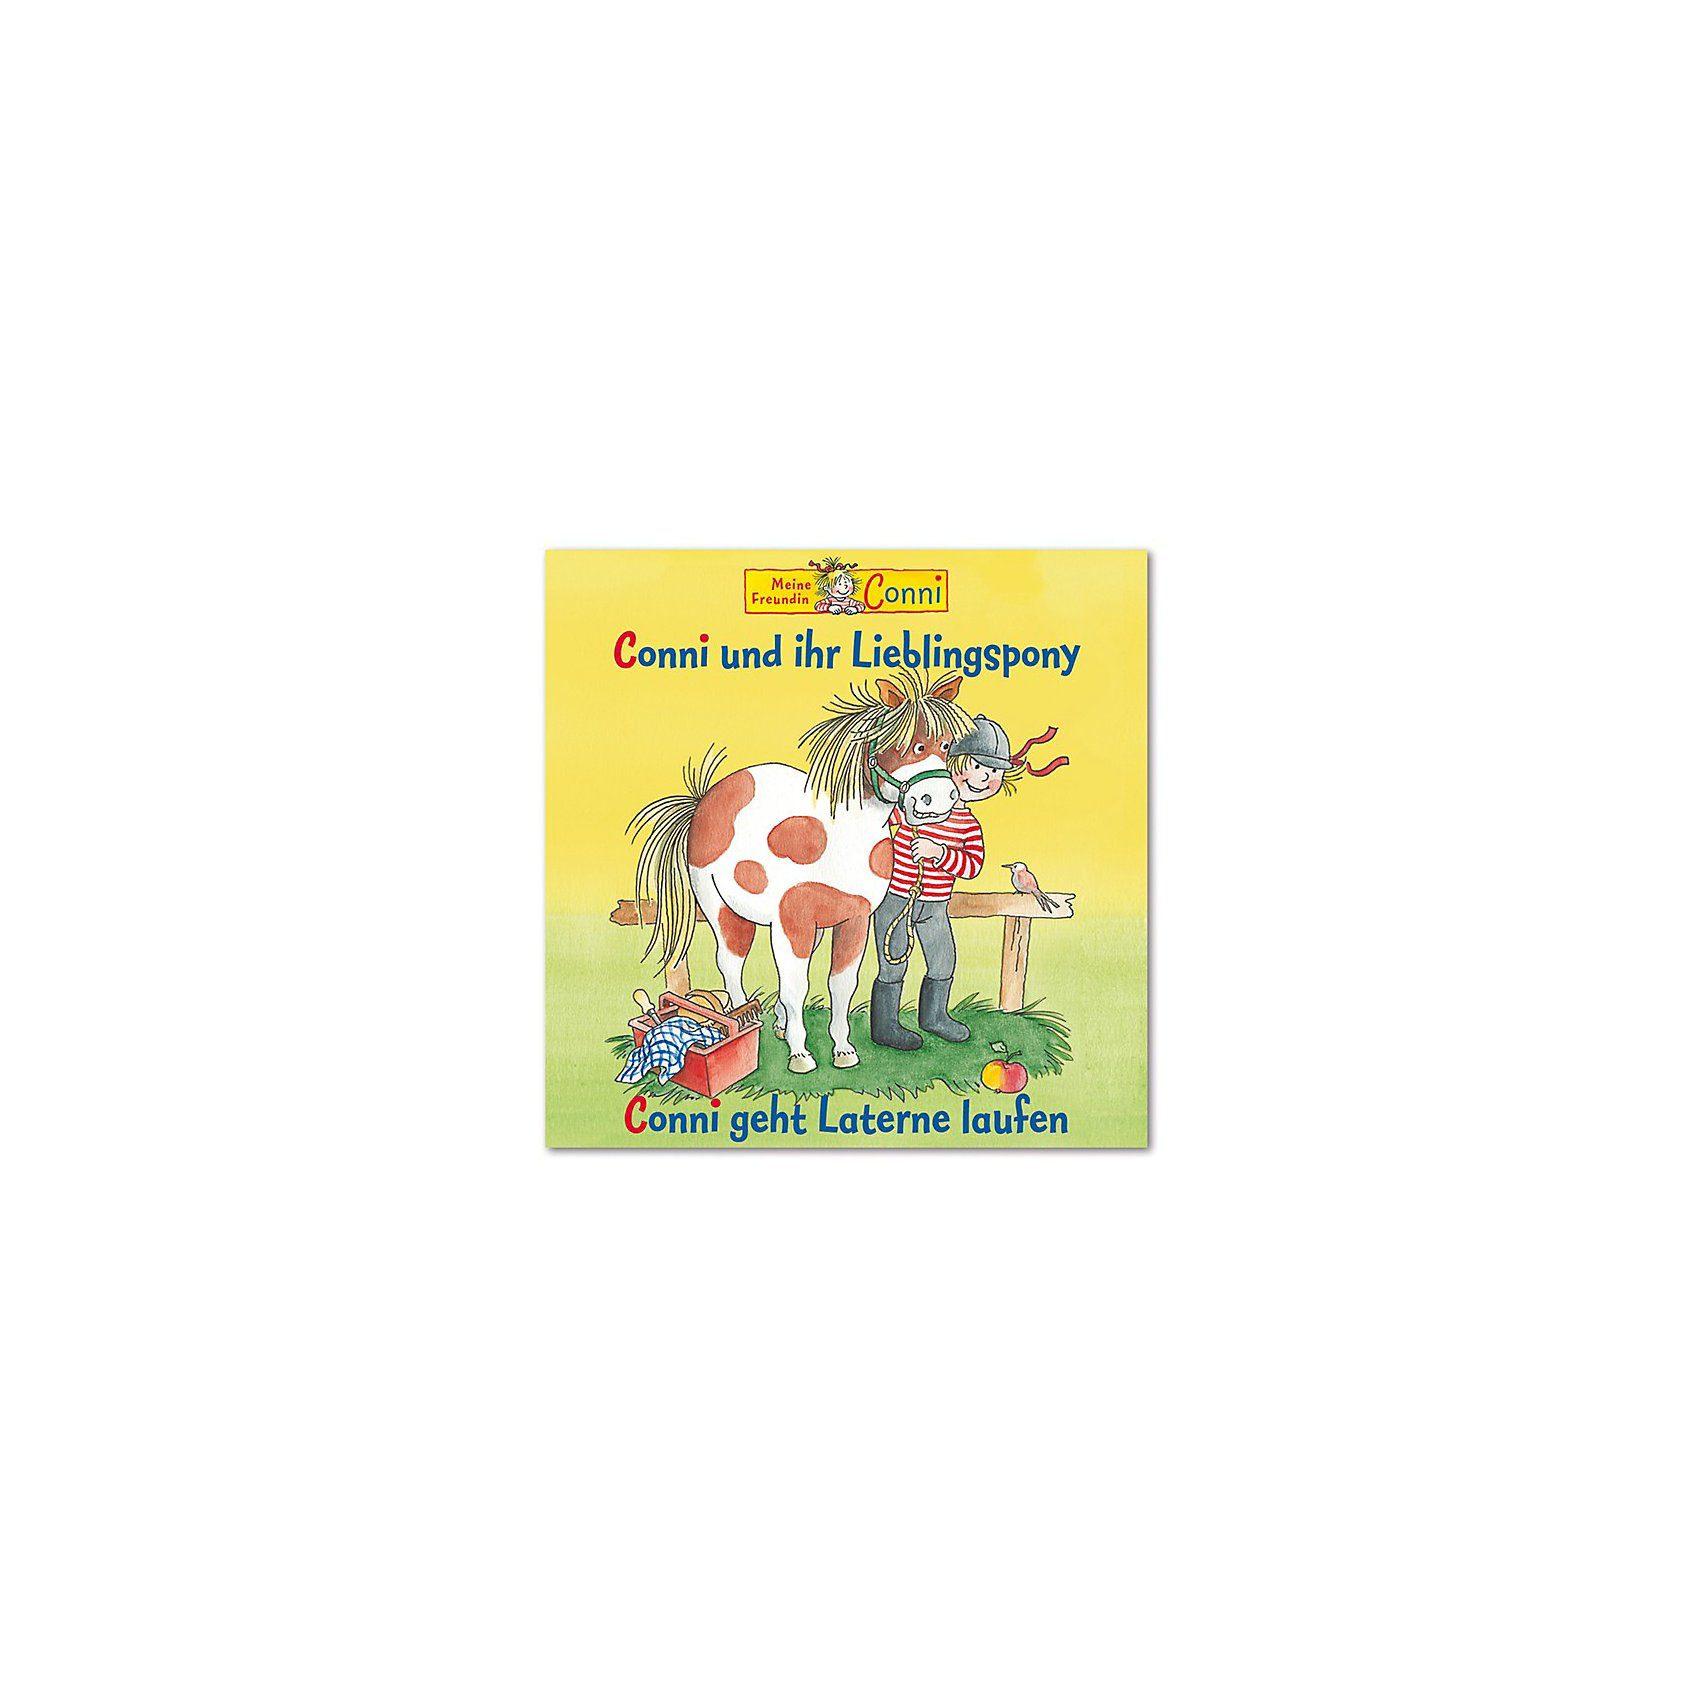 Universal CD Conni 34 - und ihr Lieblingspony/ Conni geht Laterne lauf